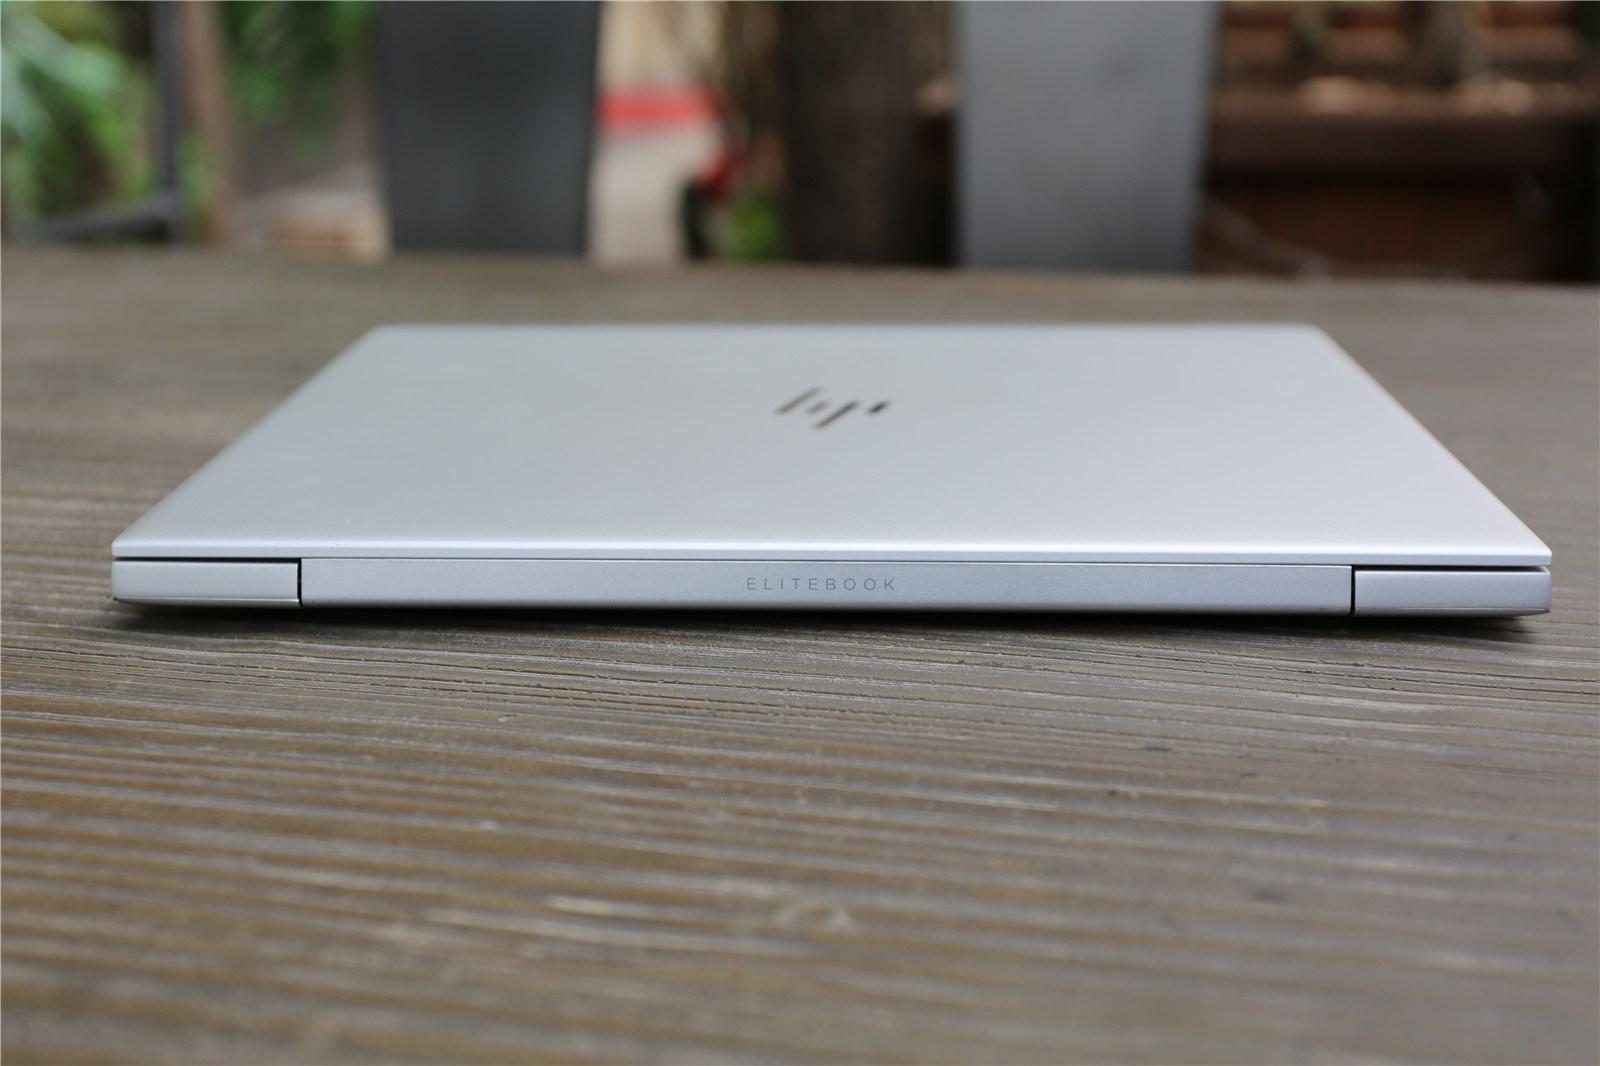 3kg的轻薄设计,也让这种不错的感觉延续到了用户手上,银色颜值,轻薄有